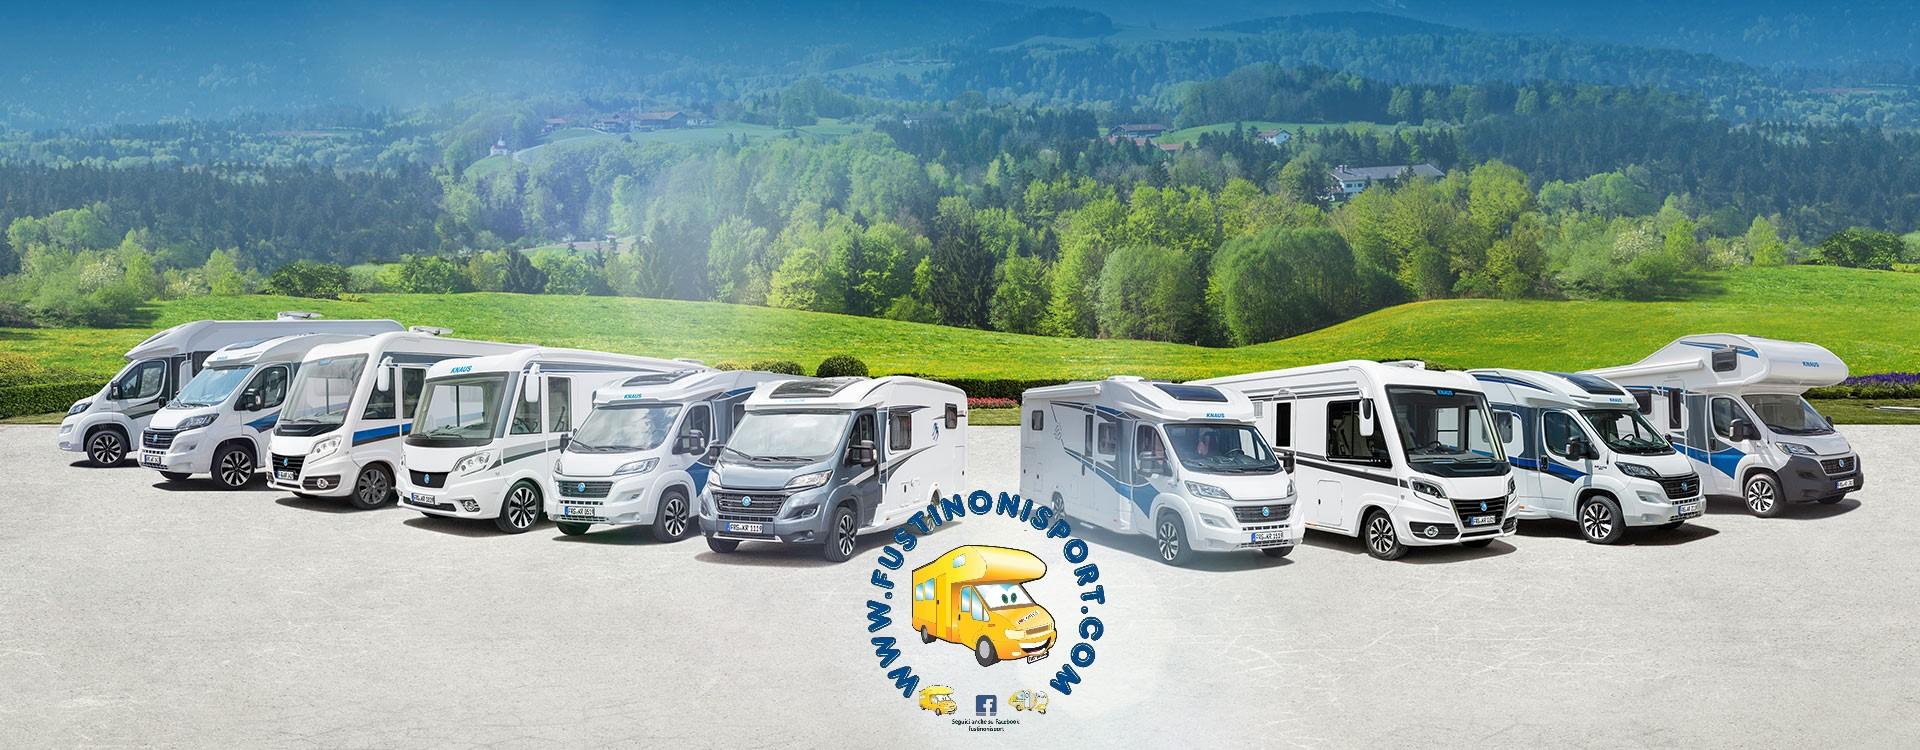 ktg-knaus-2018-2019-reisemobile-keyvisual-1